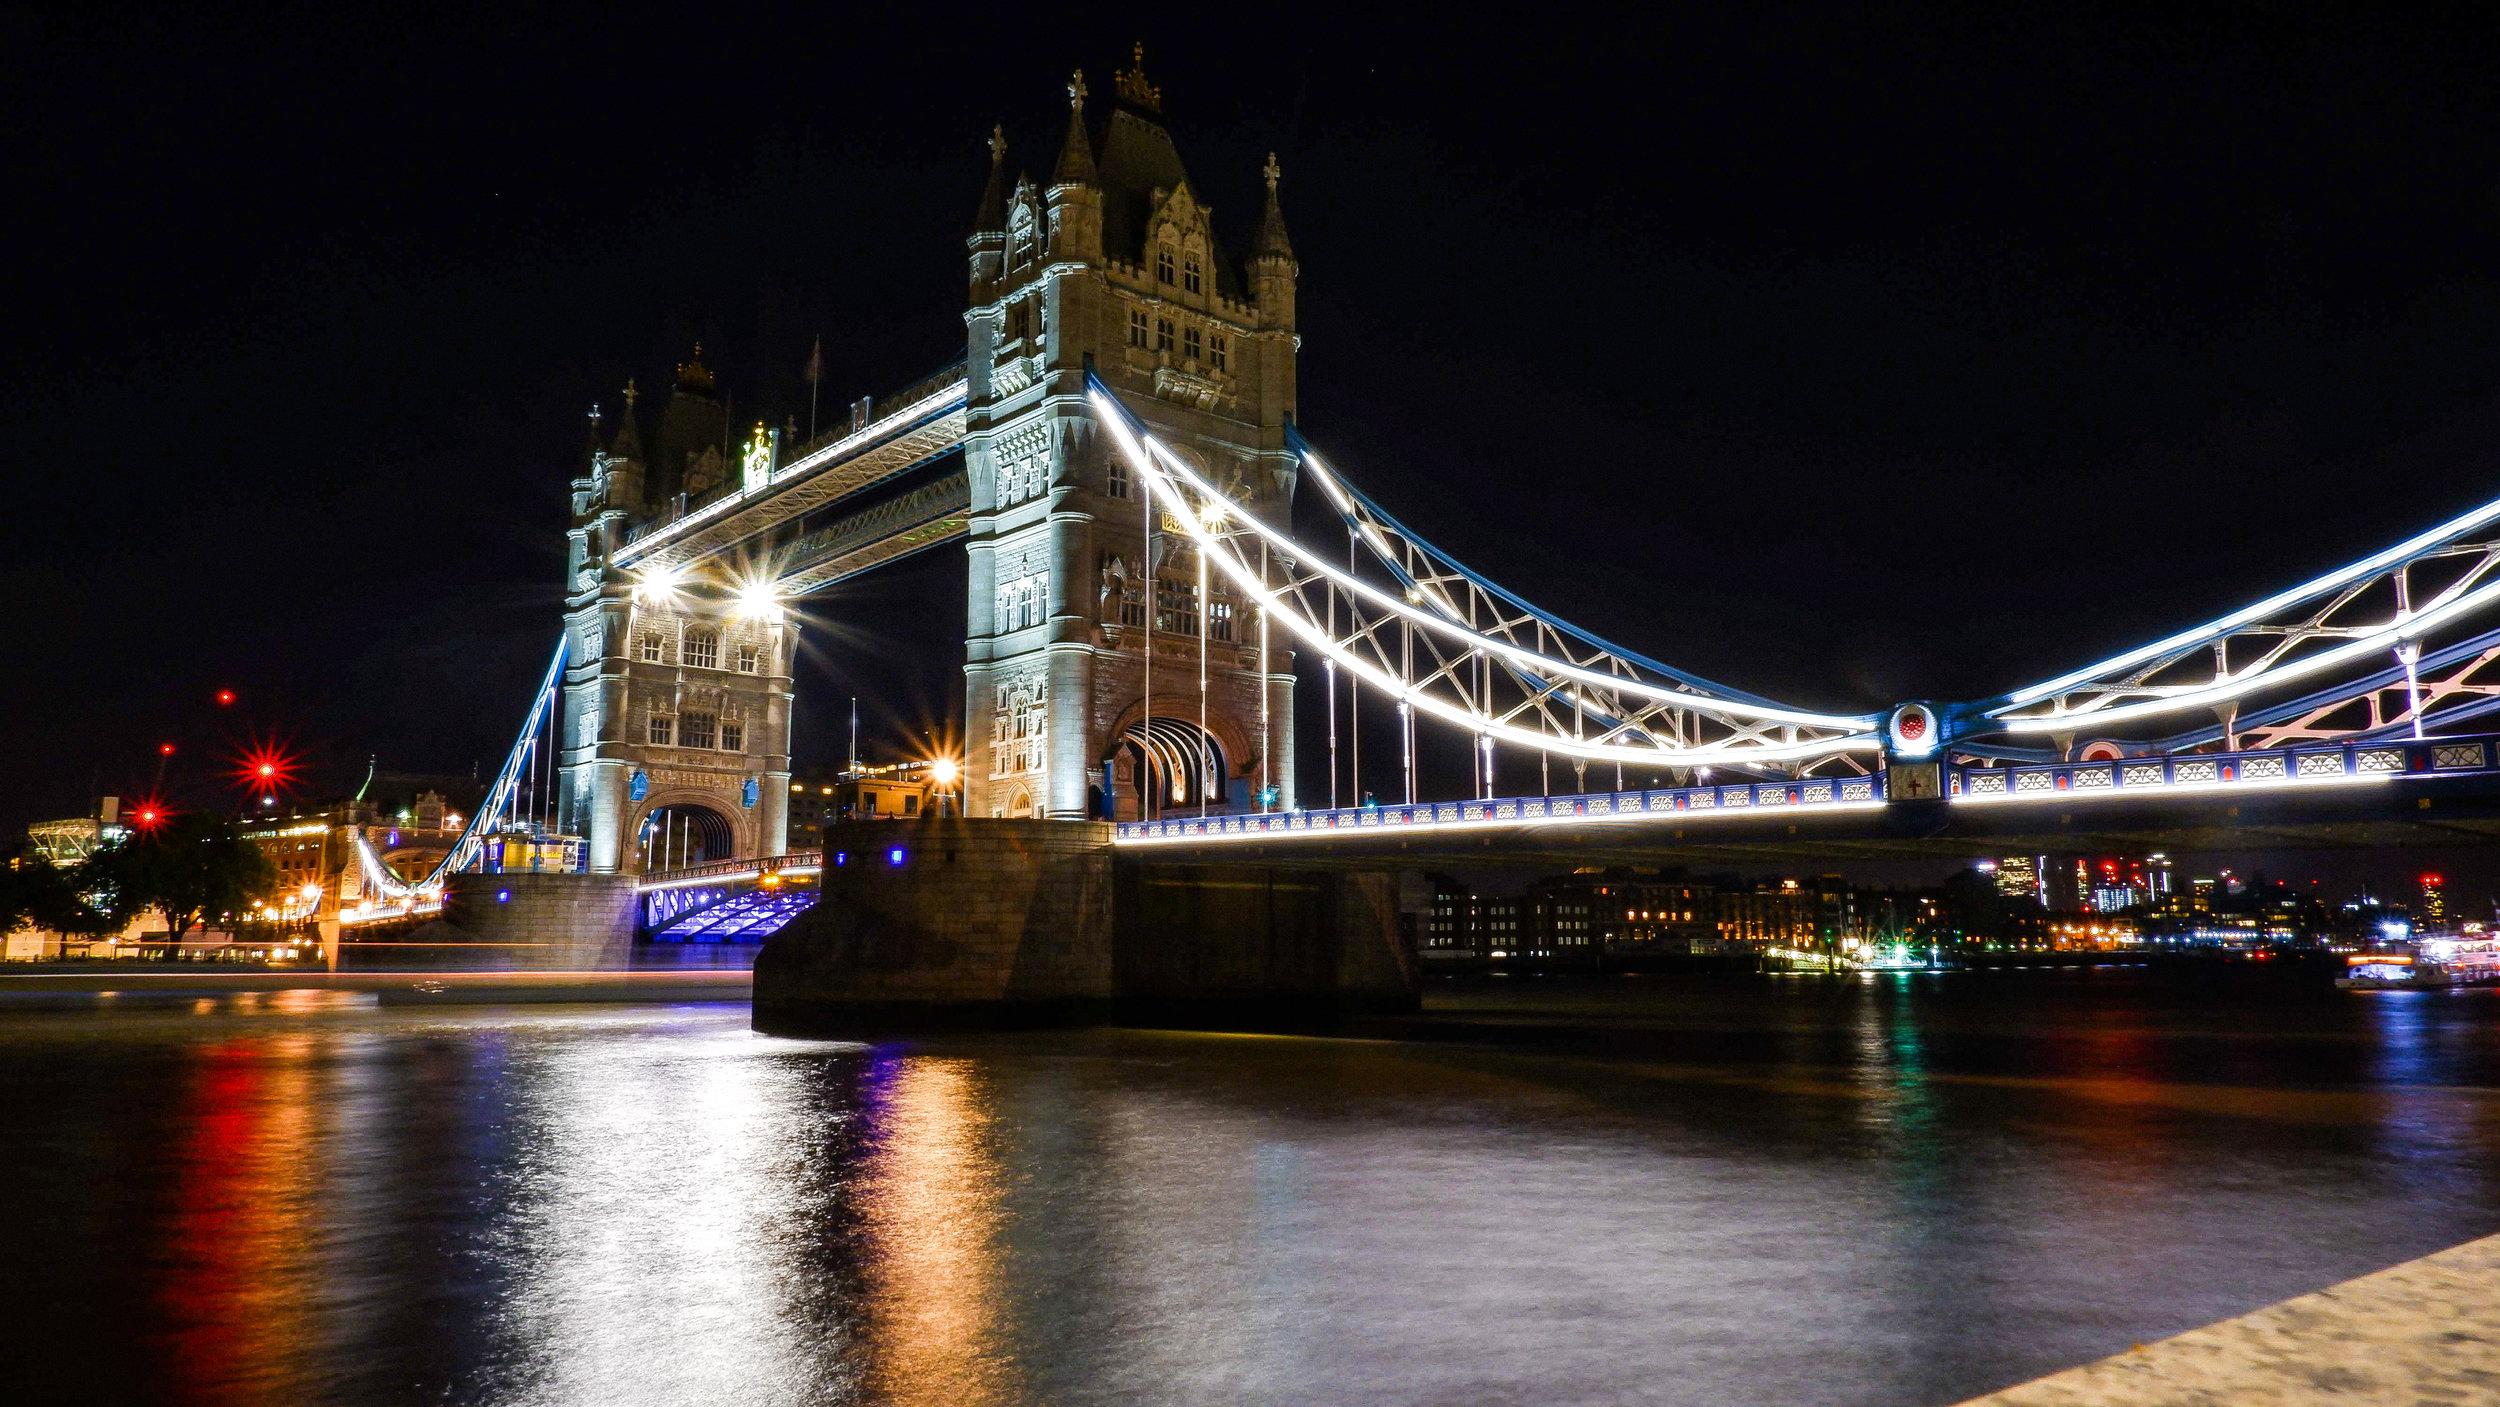 LONDON -